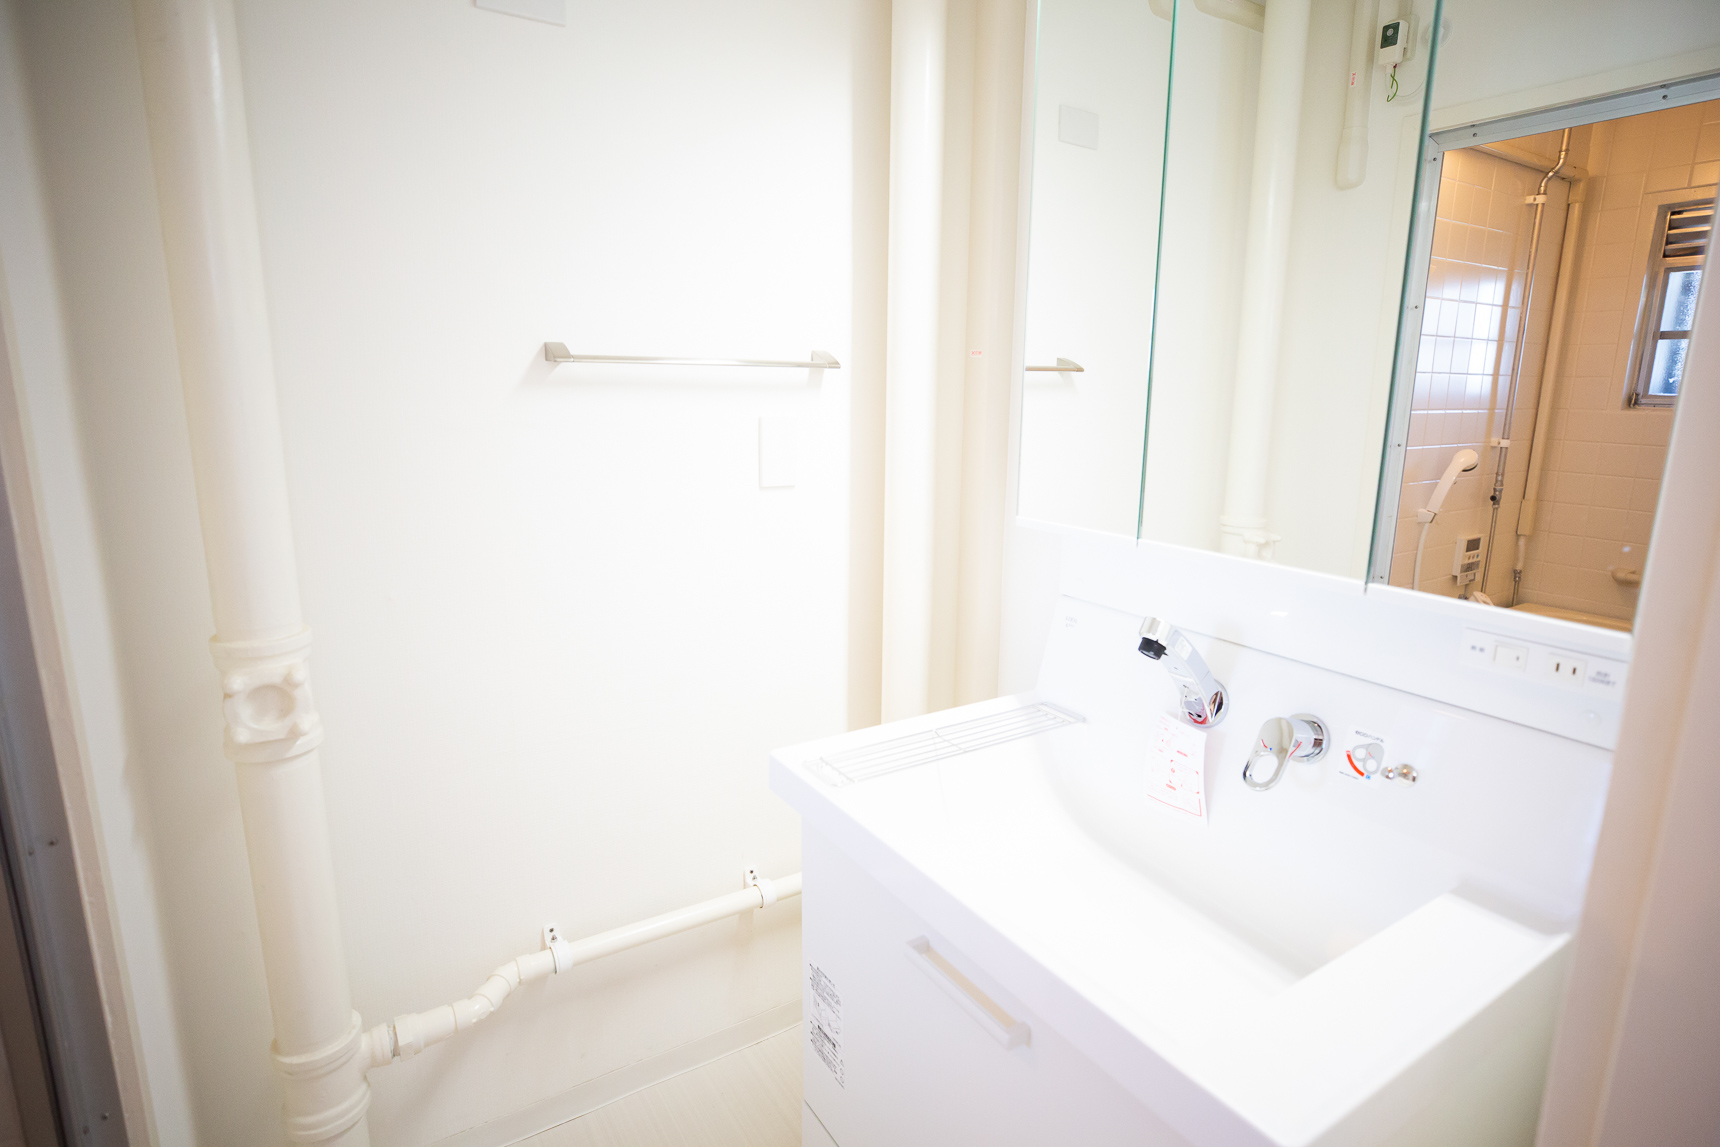 こちらが、新しいタイプの洗面所。幅が広くなって、シャワー水栓も付いています。なるほど、これはプレミアム。脱衣所には新しく引き戸が設置されました。